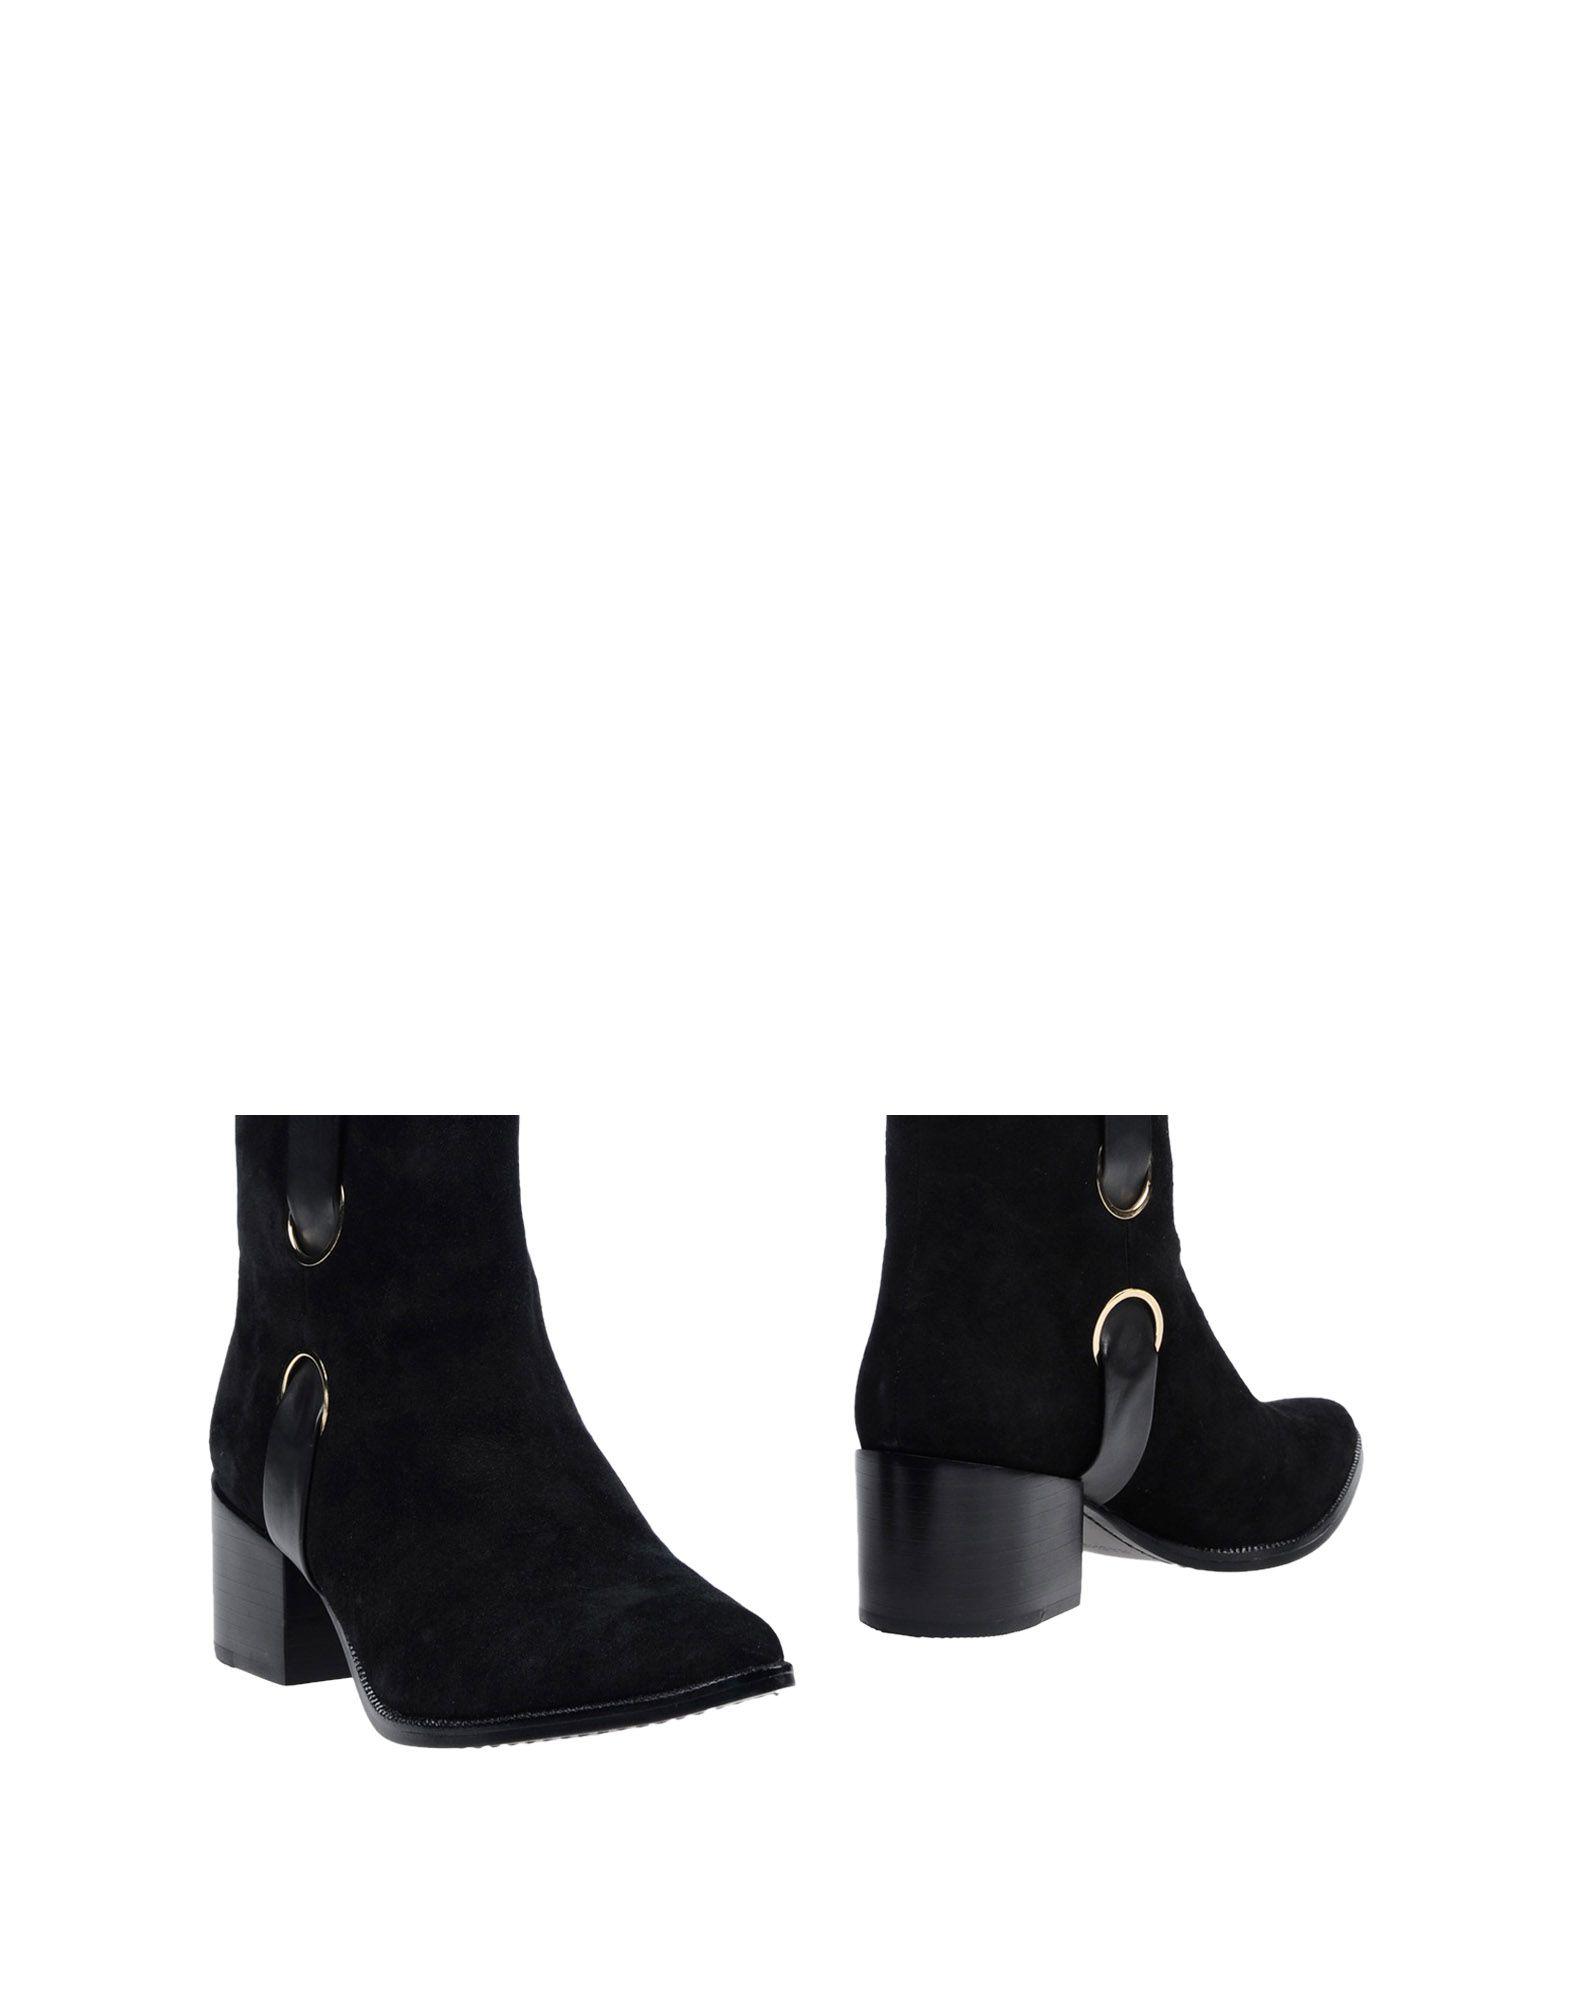 RACHEL ZOE Полусапоги и высокие ботинки туфли rachel zoe черный